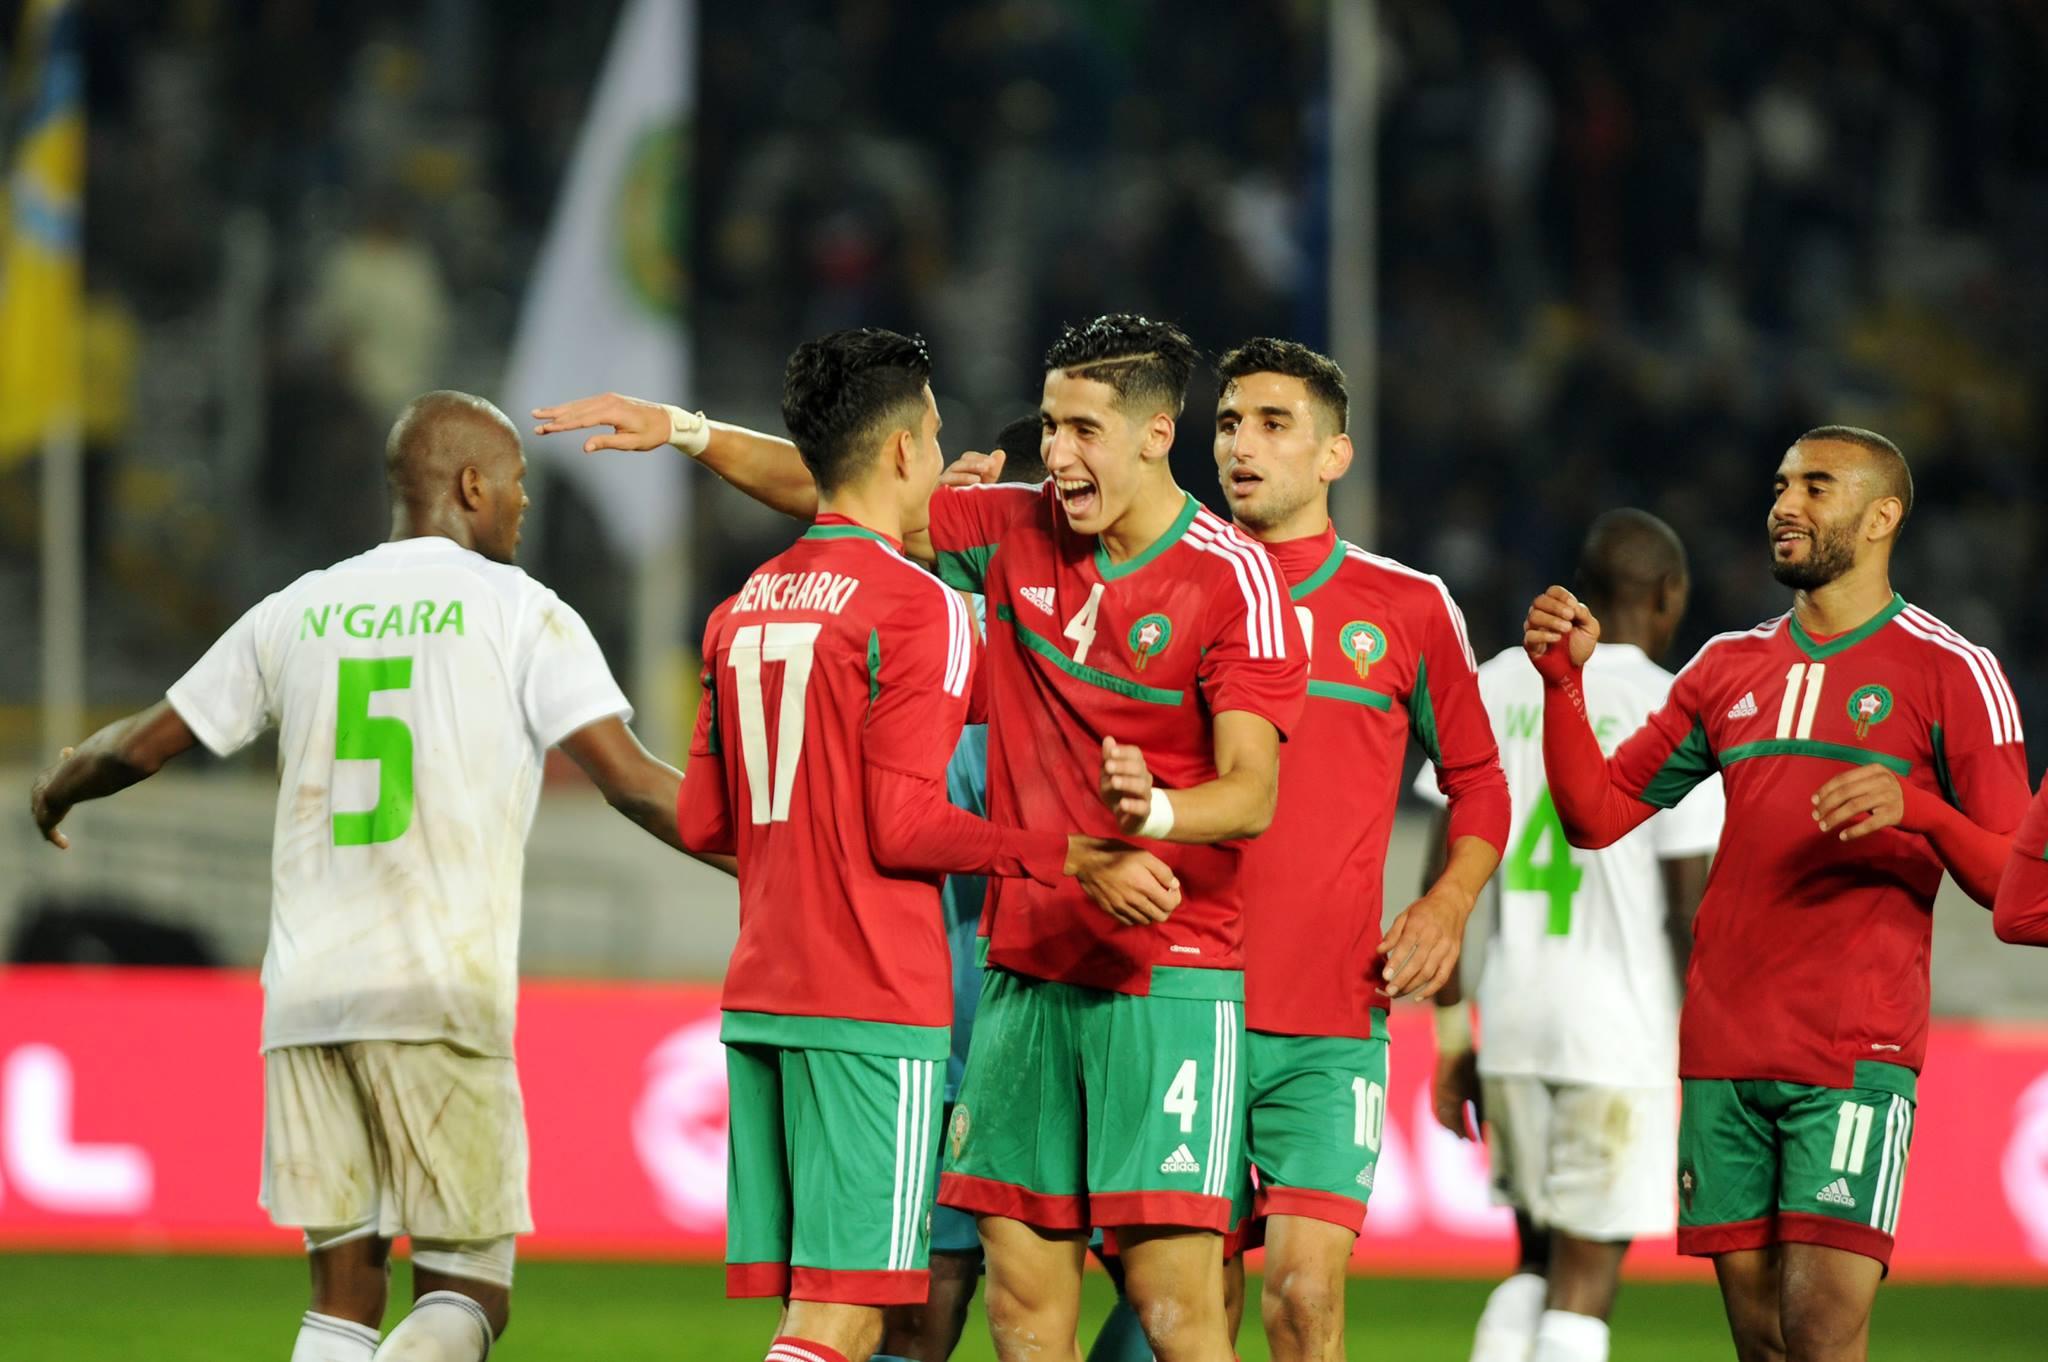 تشكيلة المنتخب الوطني المحلي التي ستواجه منتخب نيجيريا في النهائي